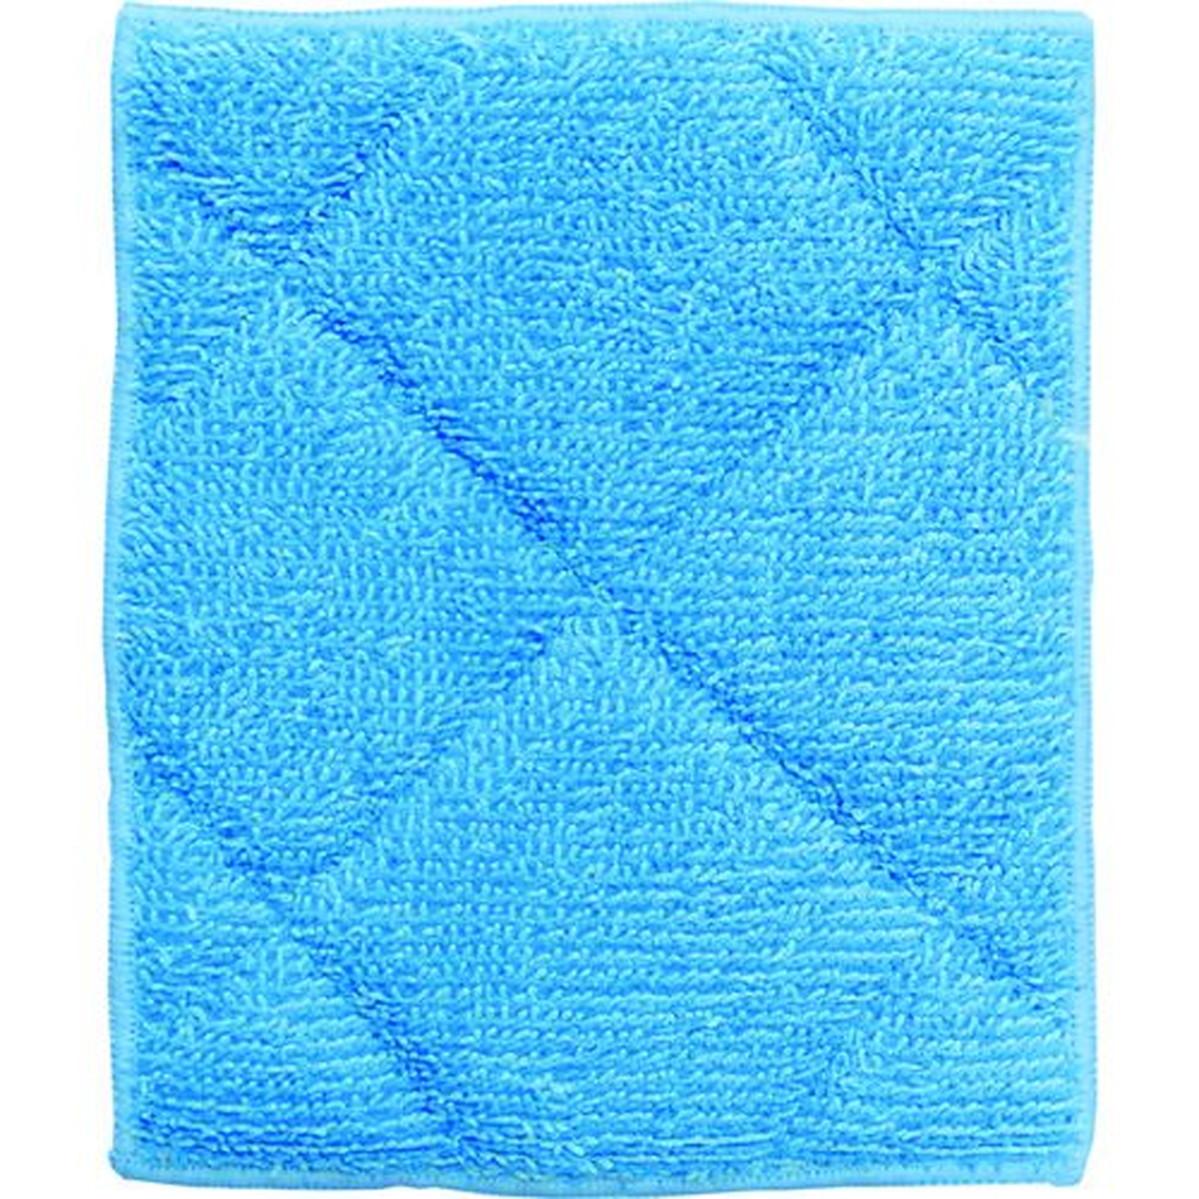 あす楽対応 DIY用品 在庫処分 アマノ 本物◆ マイクロクロス 1箱 スクエア9専用パッド